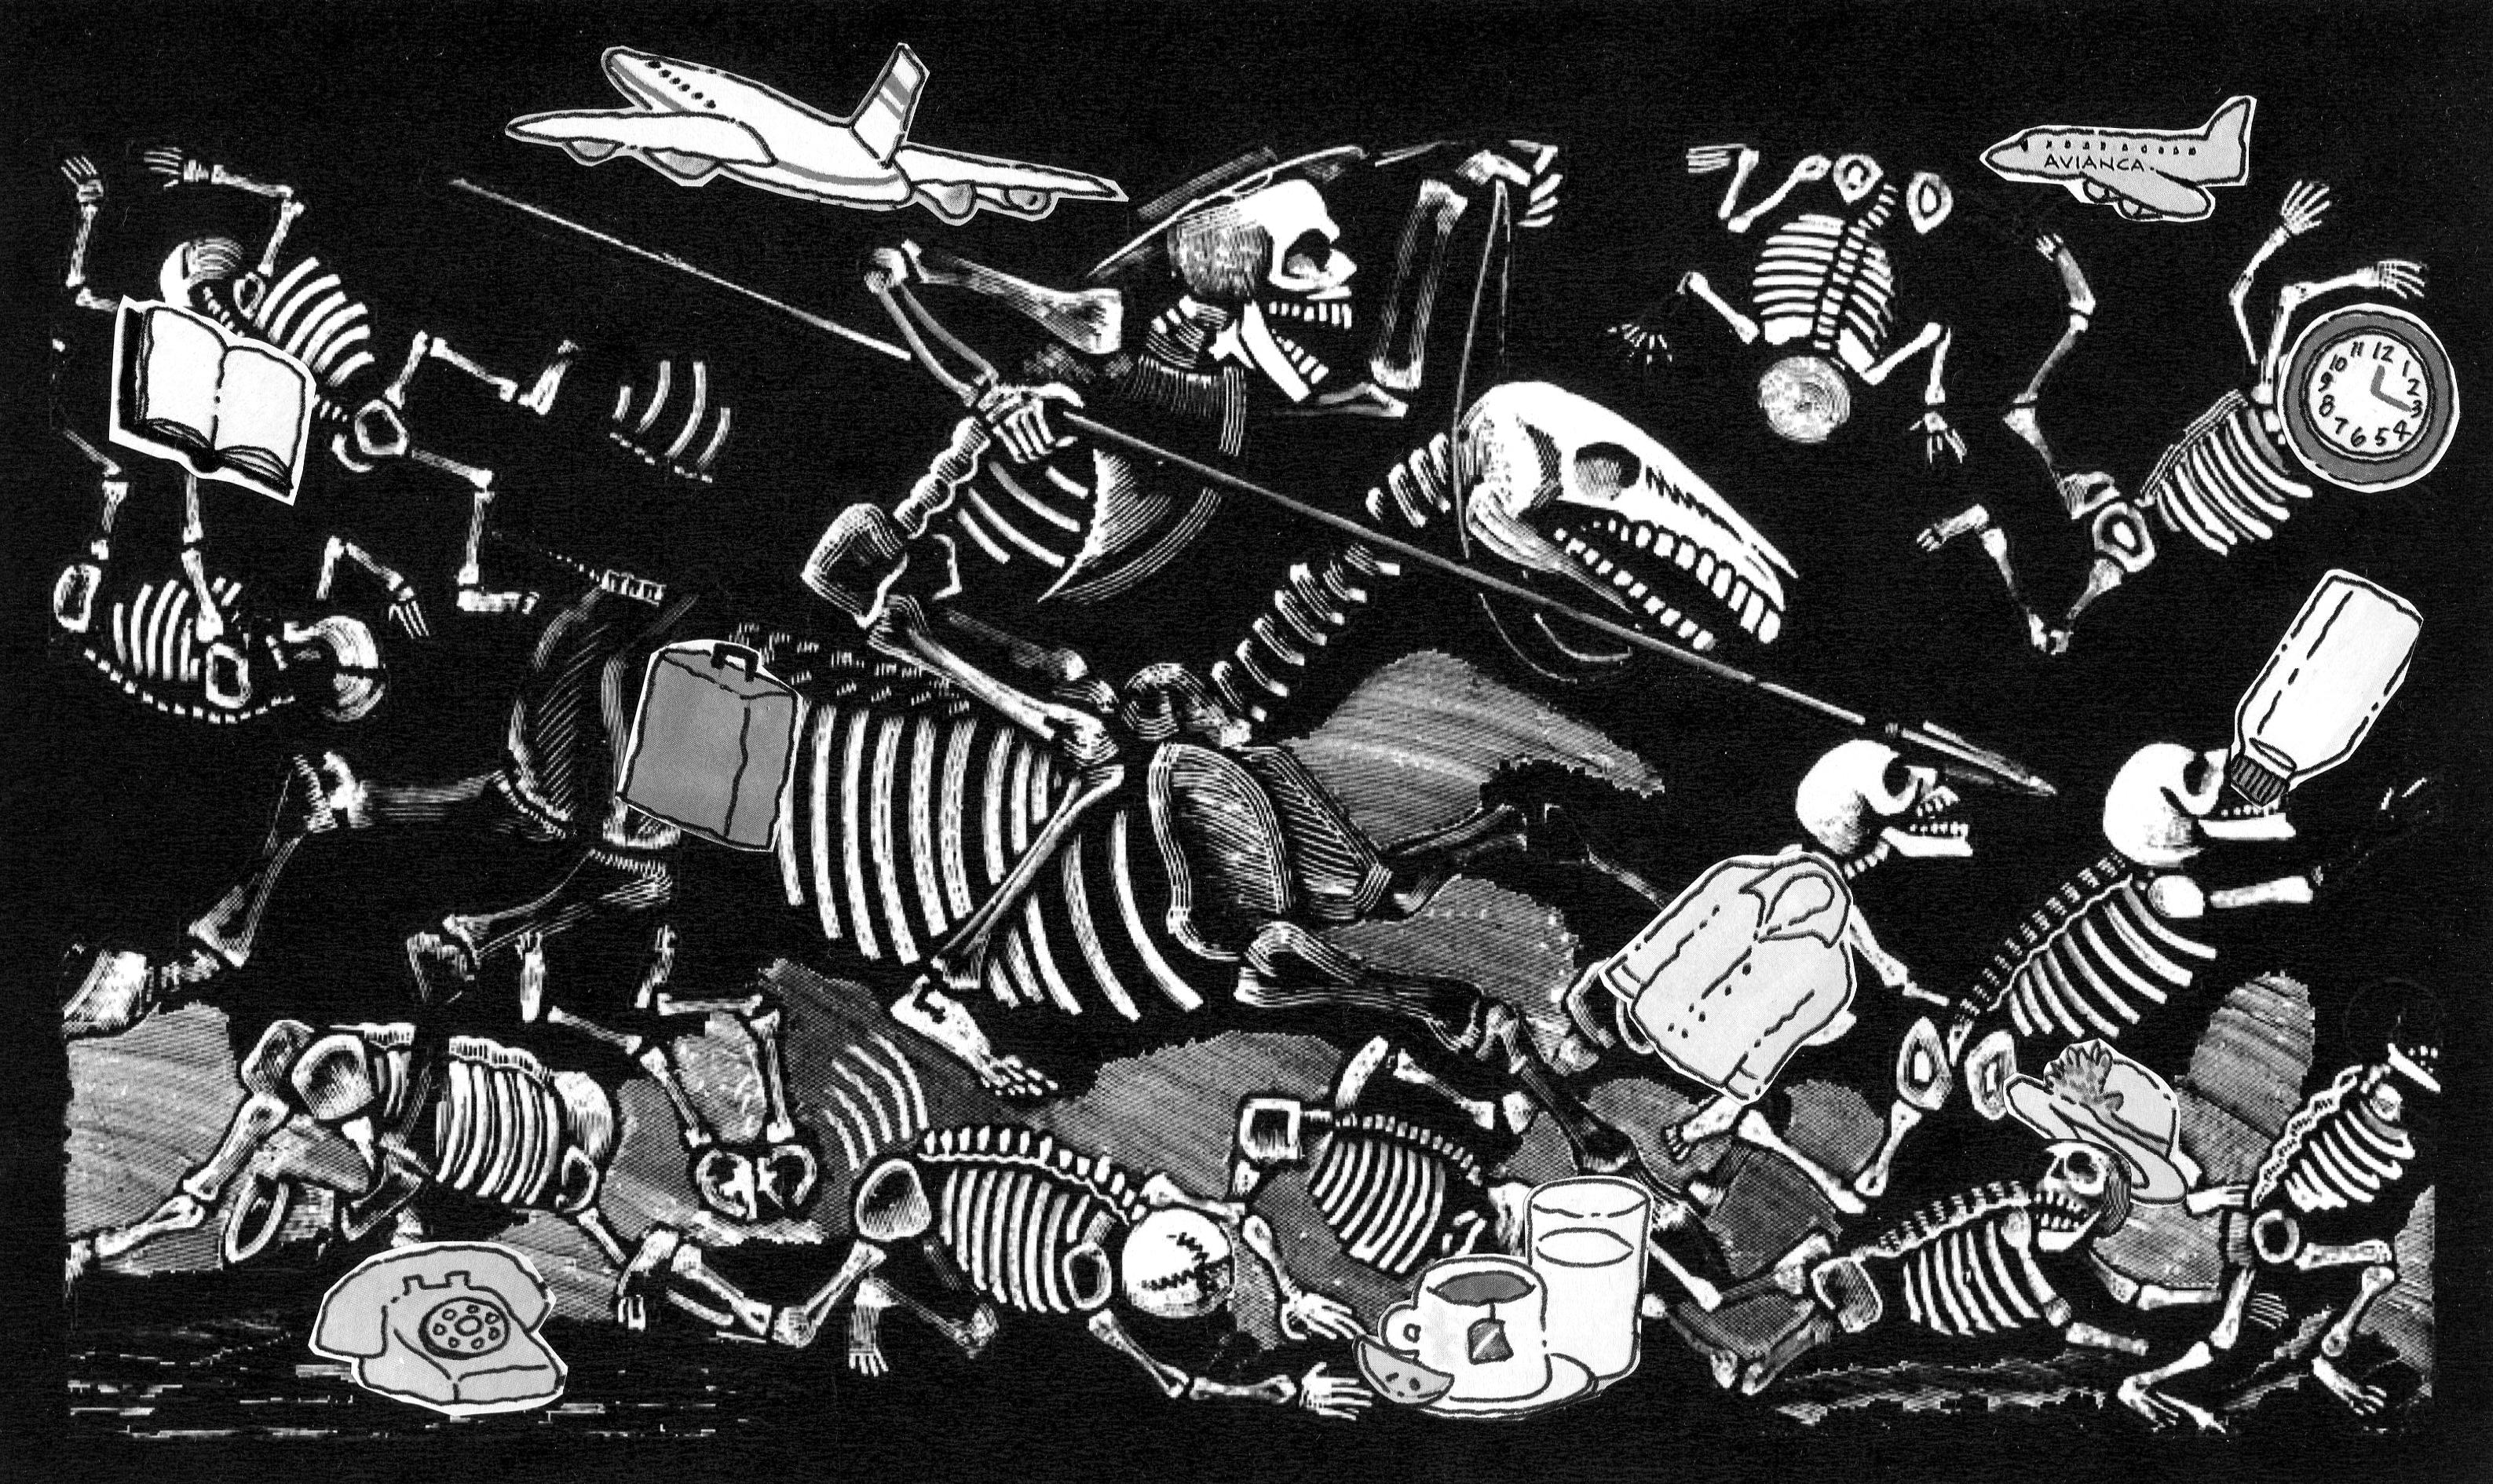 En esta imagen hay diez objetos que no pertenecen al grabado original de Posada, ¿sabes cuáles son?